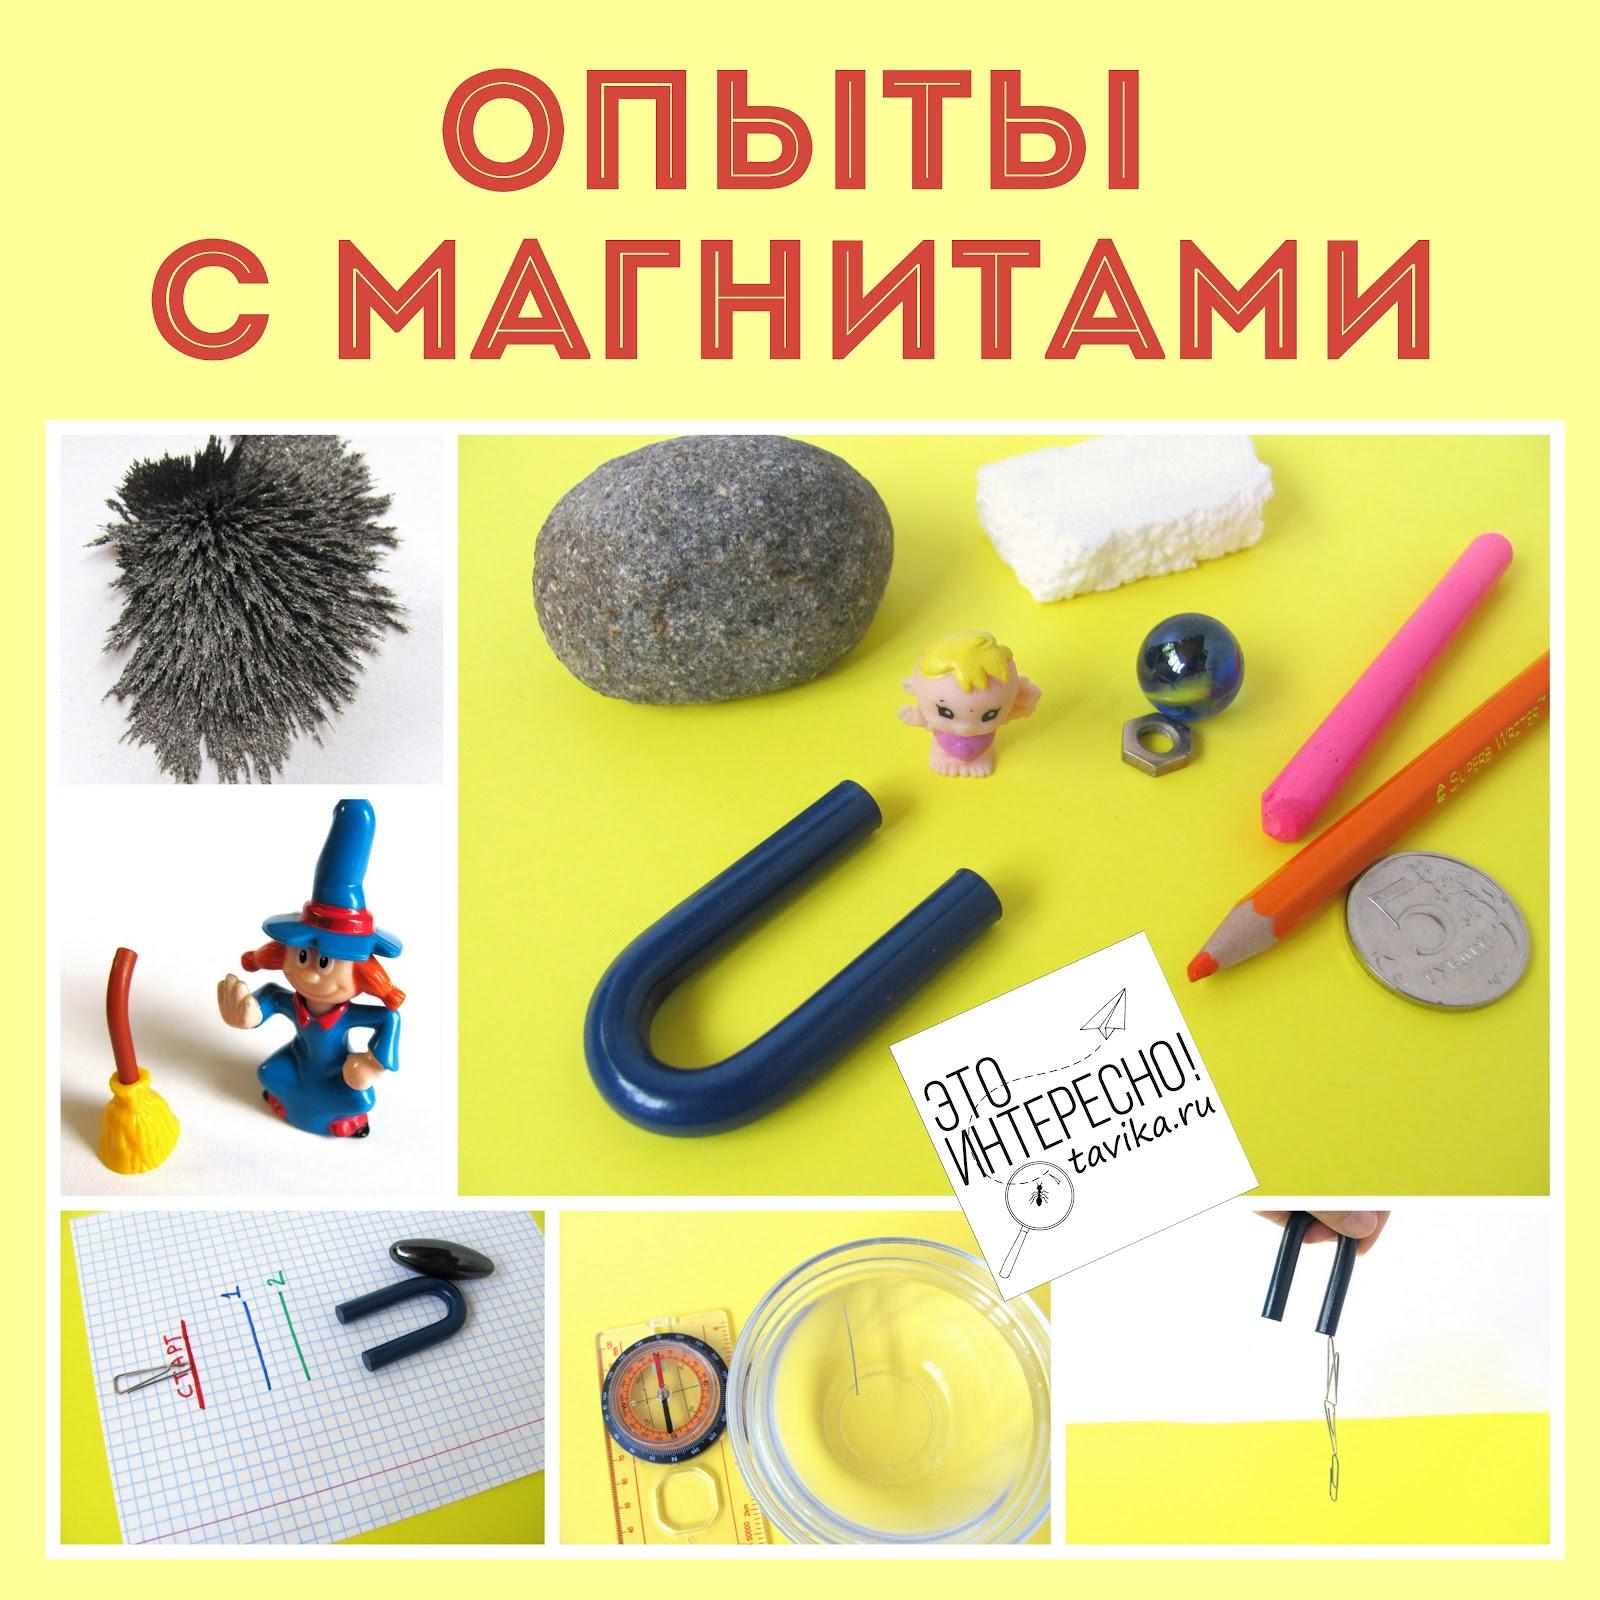 Схема экспериментов в детском саду фото 102